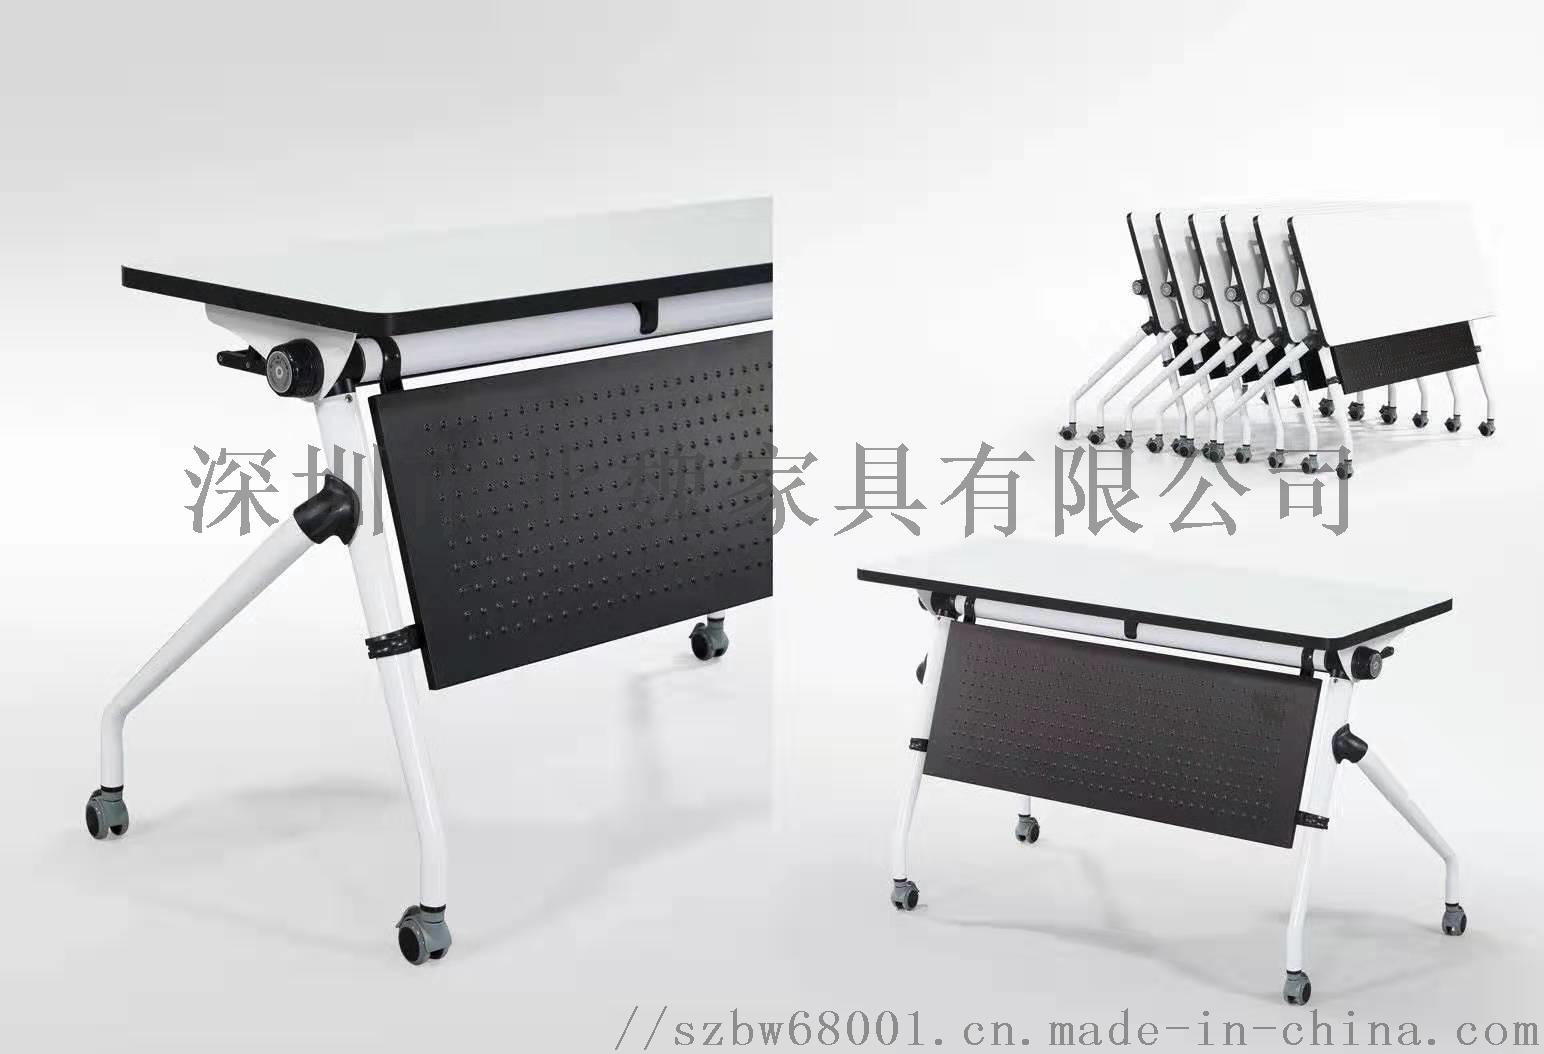 梯形书桌椅拼接梯形培训桌  组合课桌椅124366165